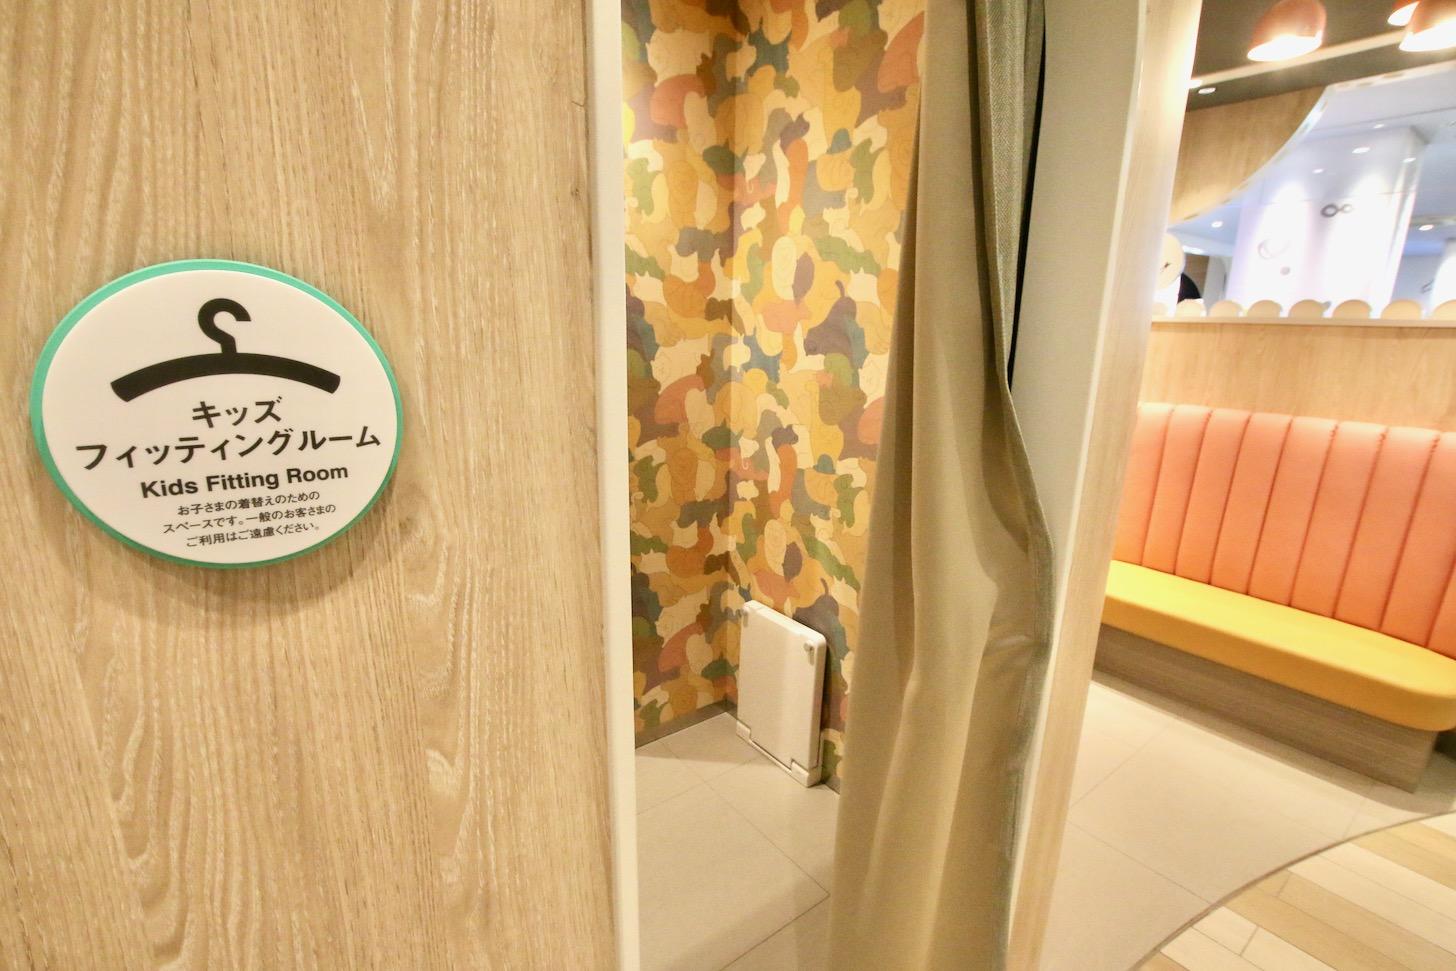 南町田グランベリーパーク キッズ向けトイレ キッズフィッティングルーム(着替え室)